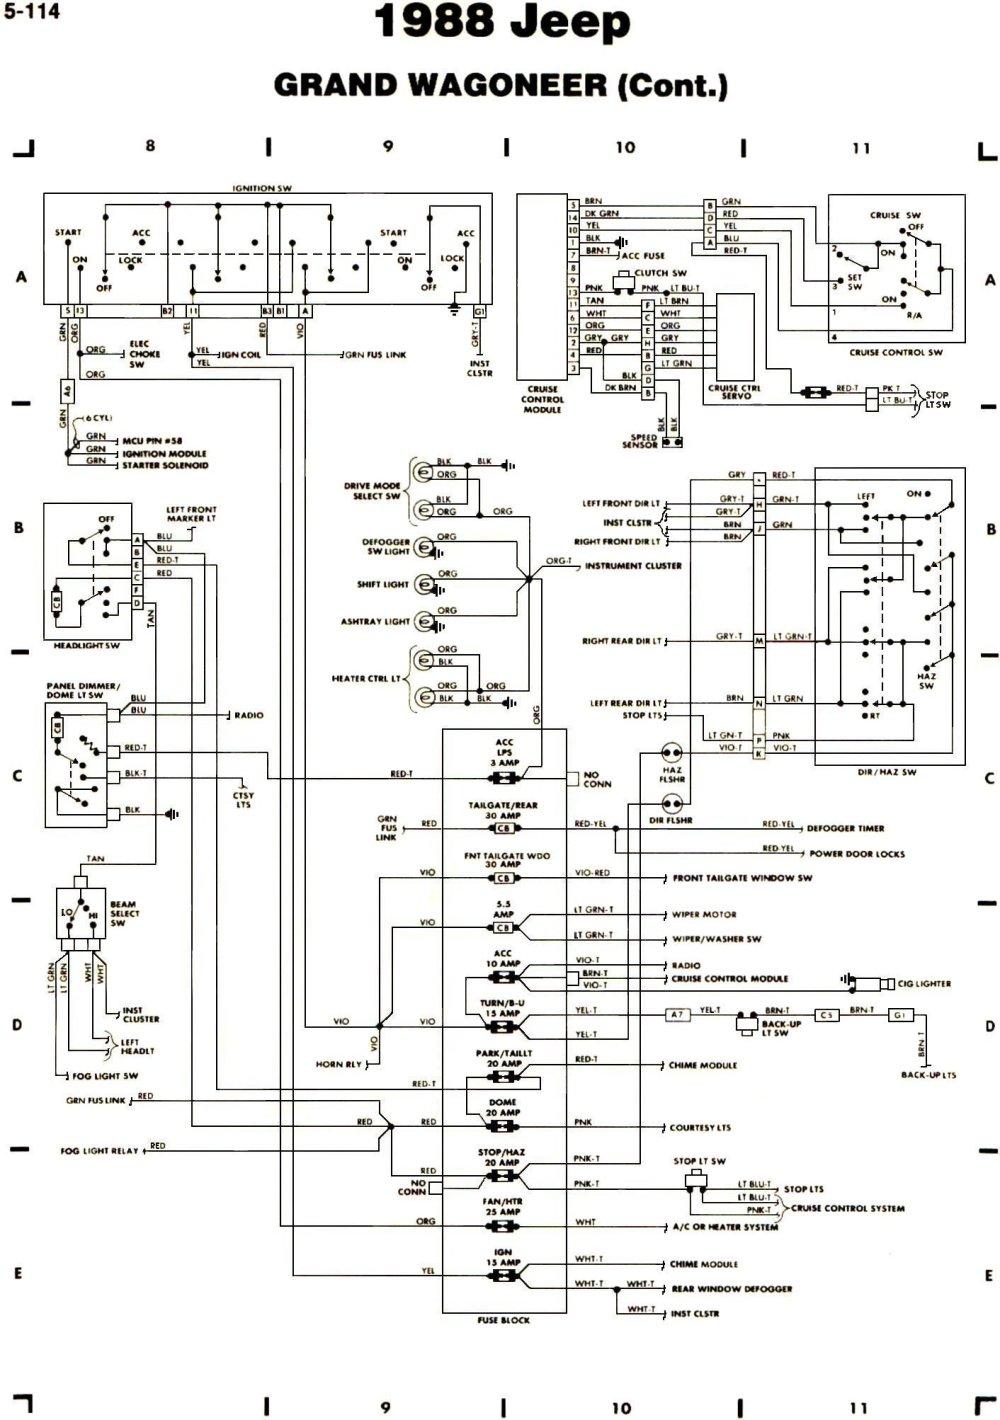 medium resolution of model 335 peterbilt fuse box diagram schematic diagram2007 freightliner columbia fuse panel diagram wiring diagram data